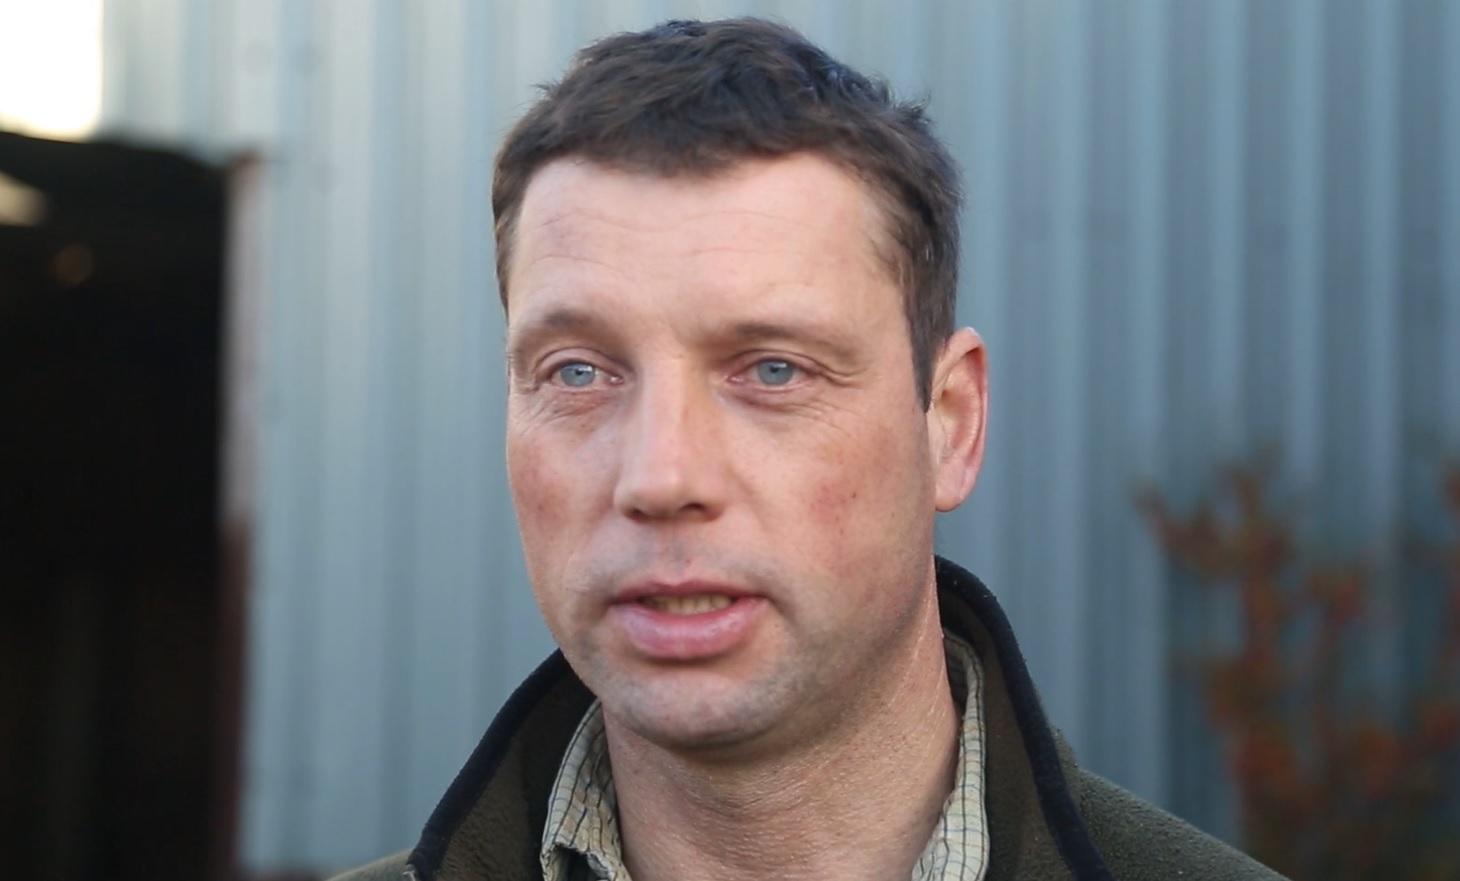 Richard Findlay, a hill farmer in North Yorkshire